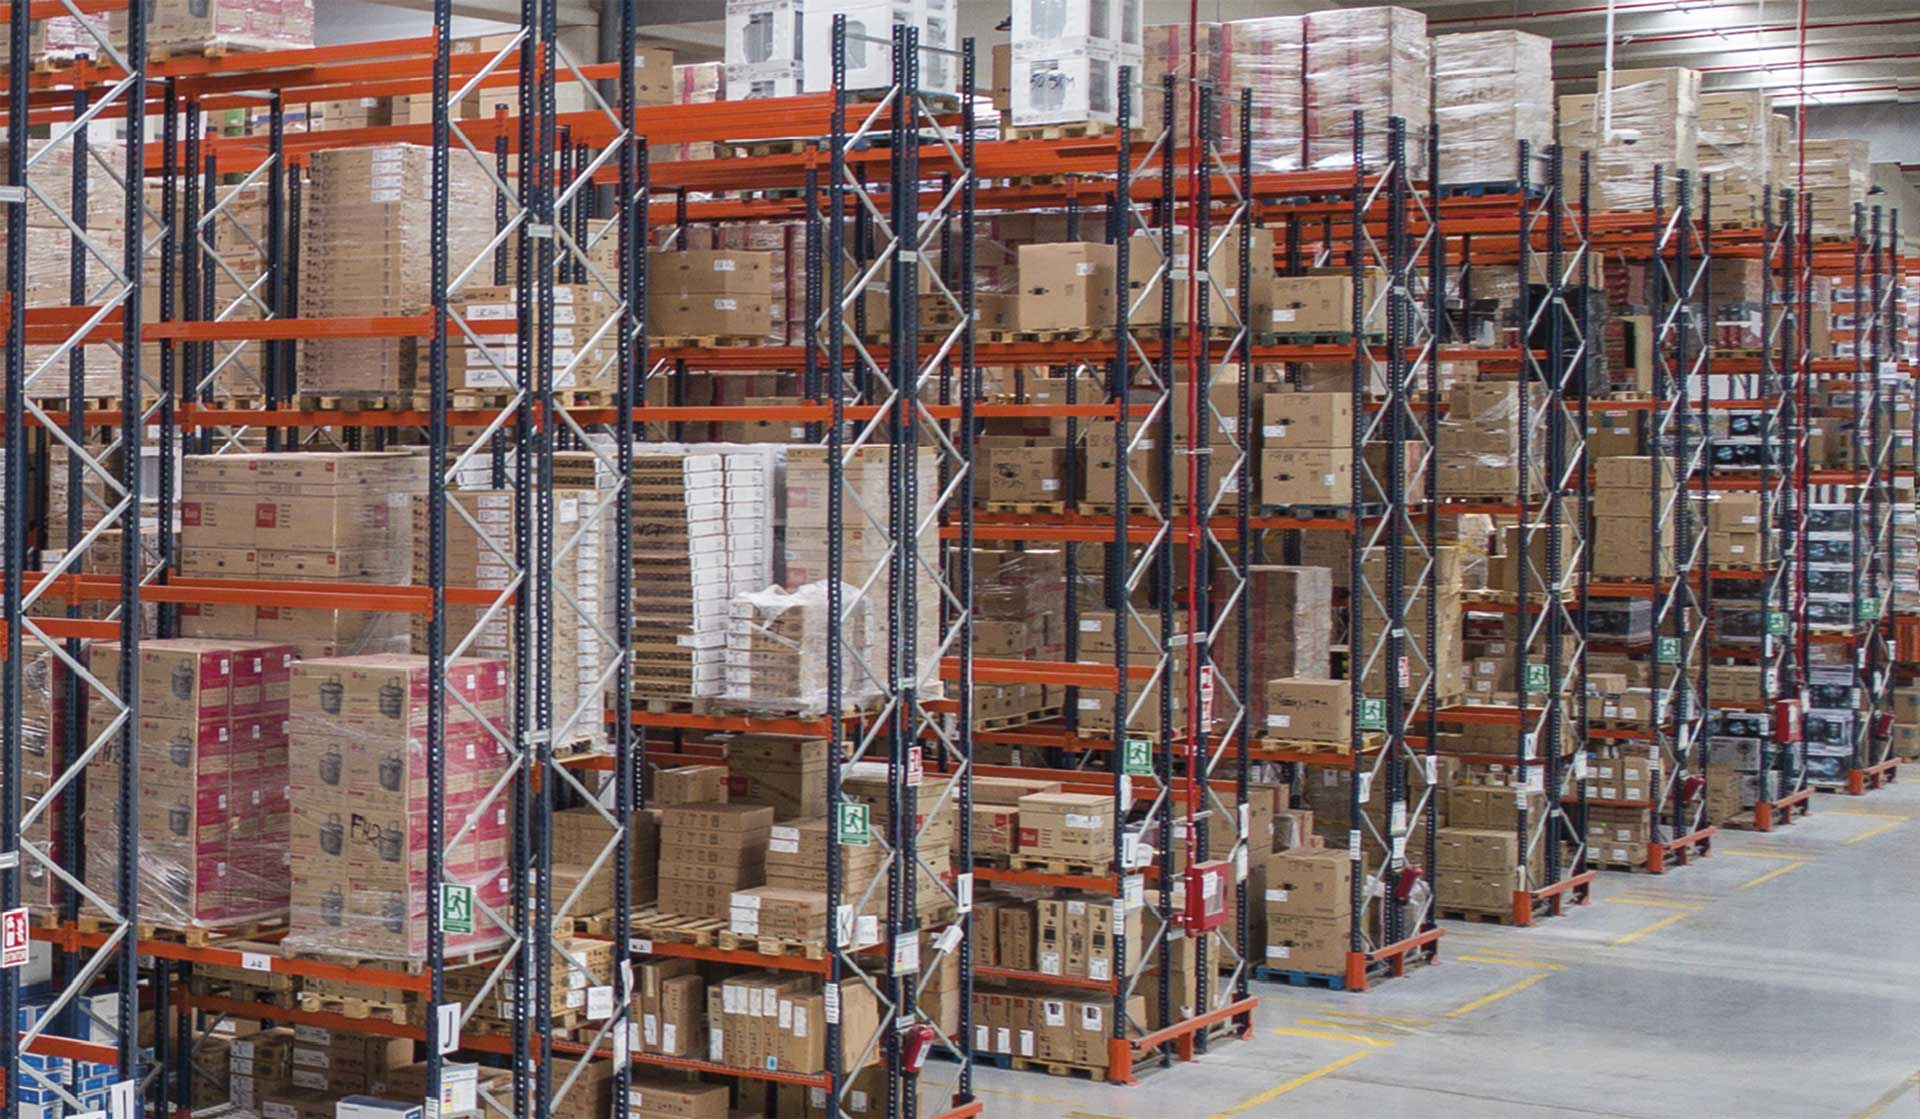 Conocer los problemas logísticos más habituales que se producen en un depósito es fundamental para disponer de una cadena logística eficiente